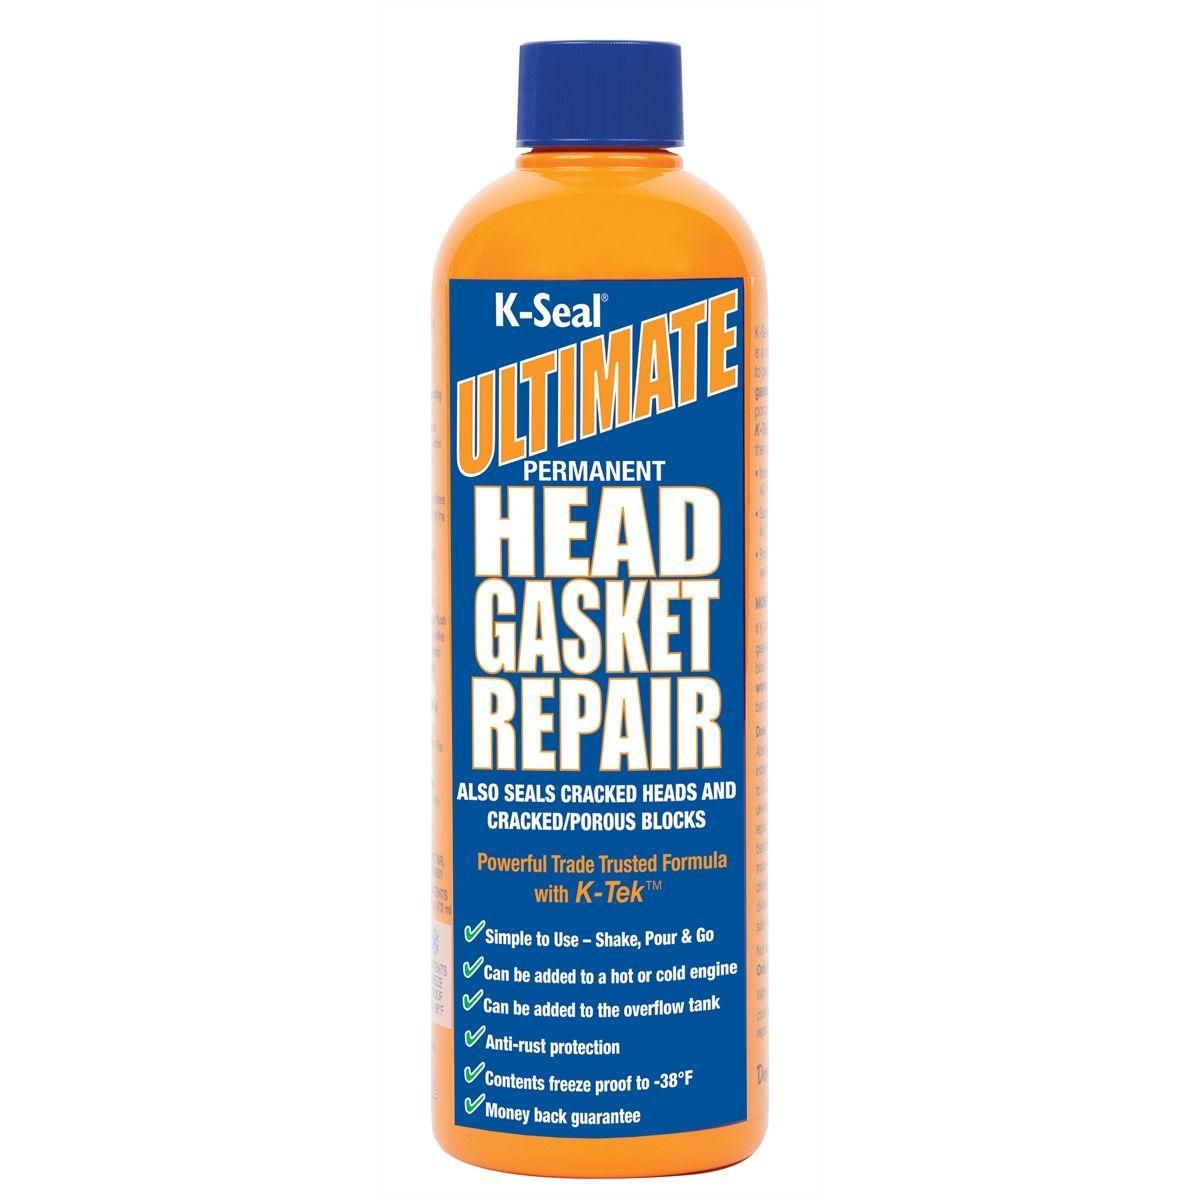 Head Gasket Sealer : Solv teck seal ultimate permanent head gasket repair